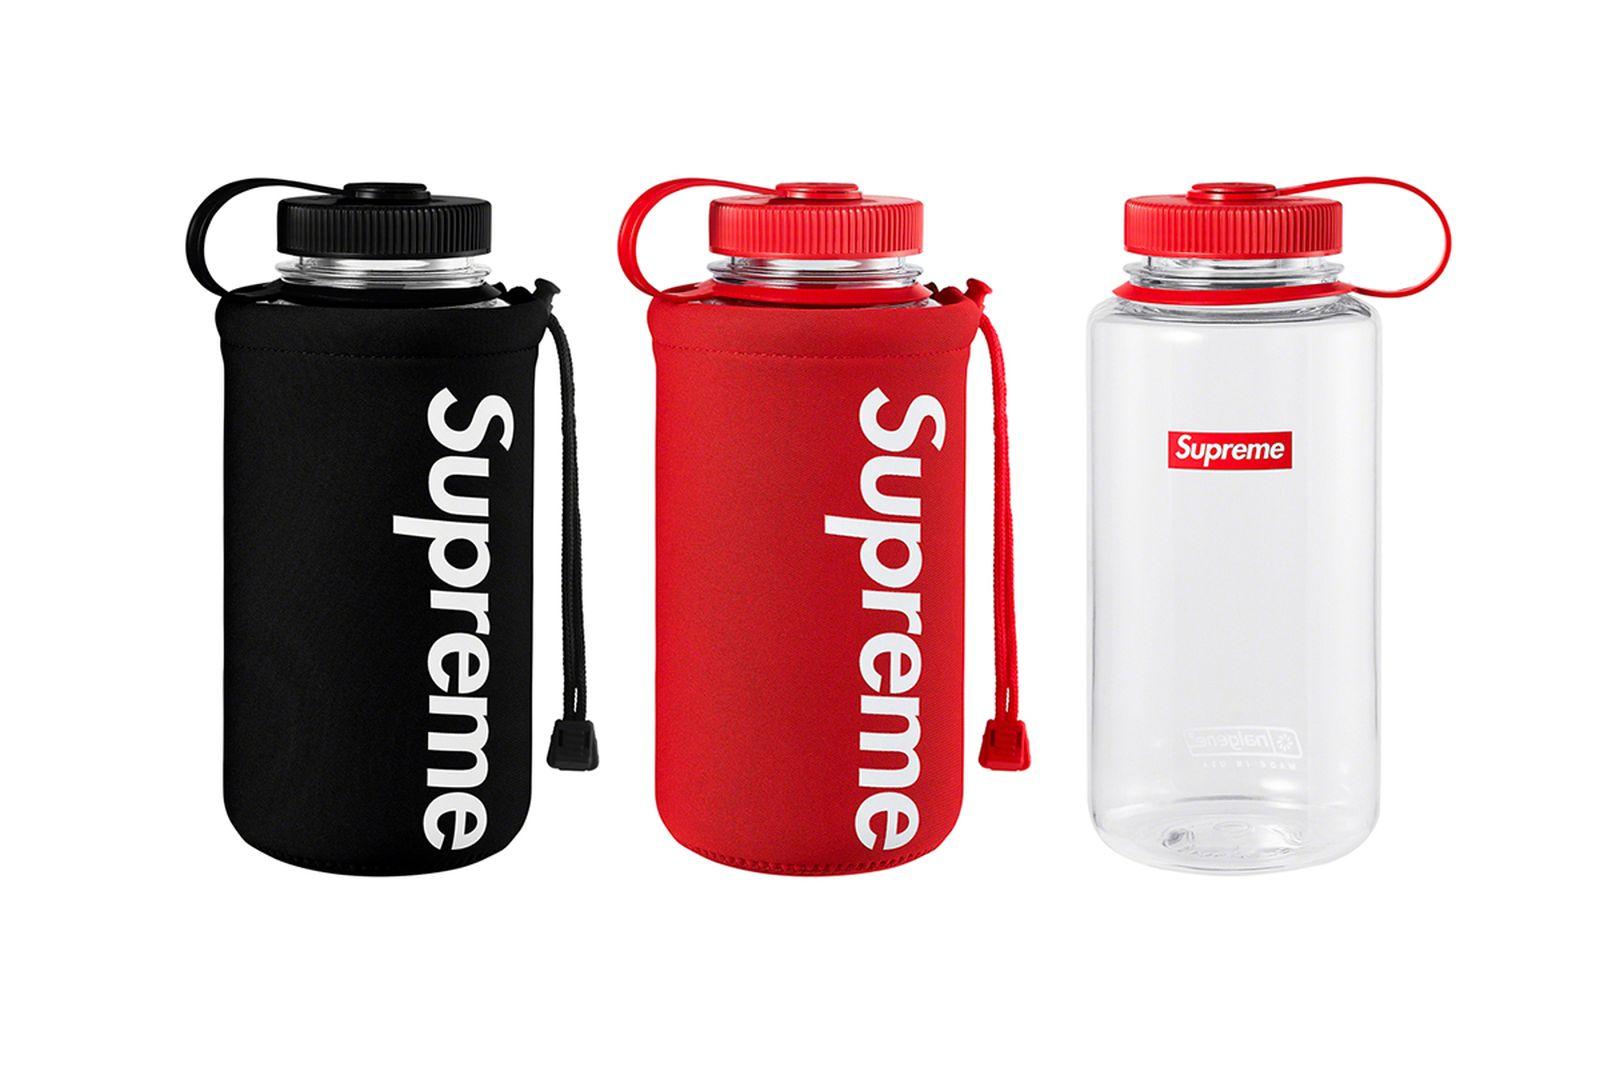 supreme-accessories-ss20-25